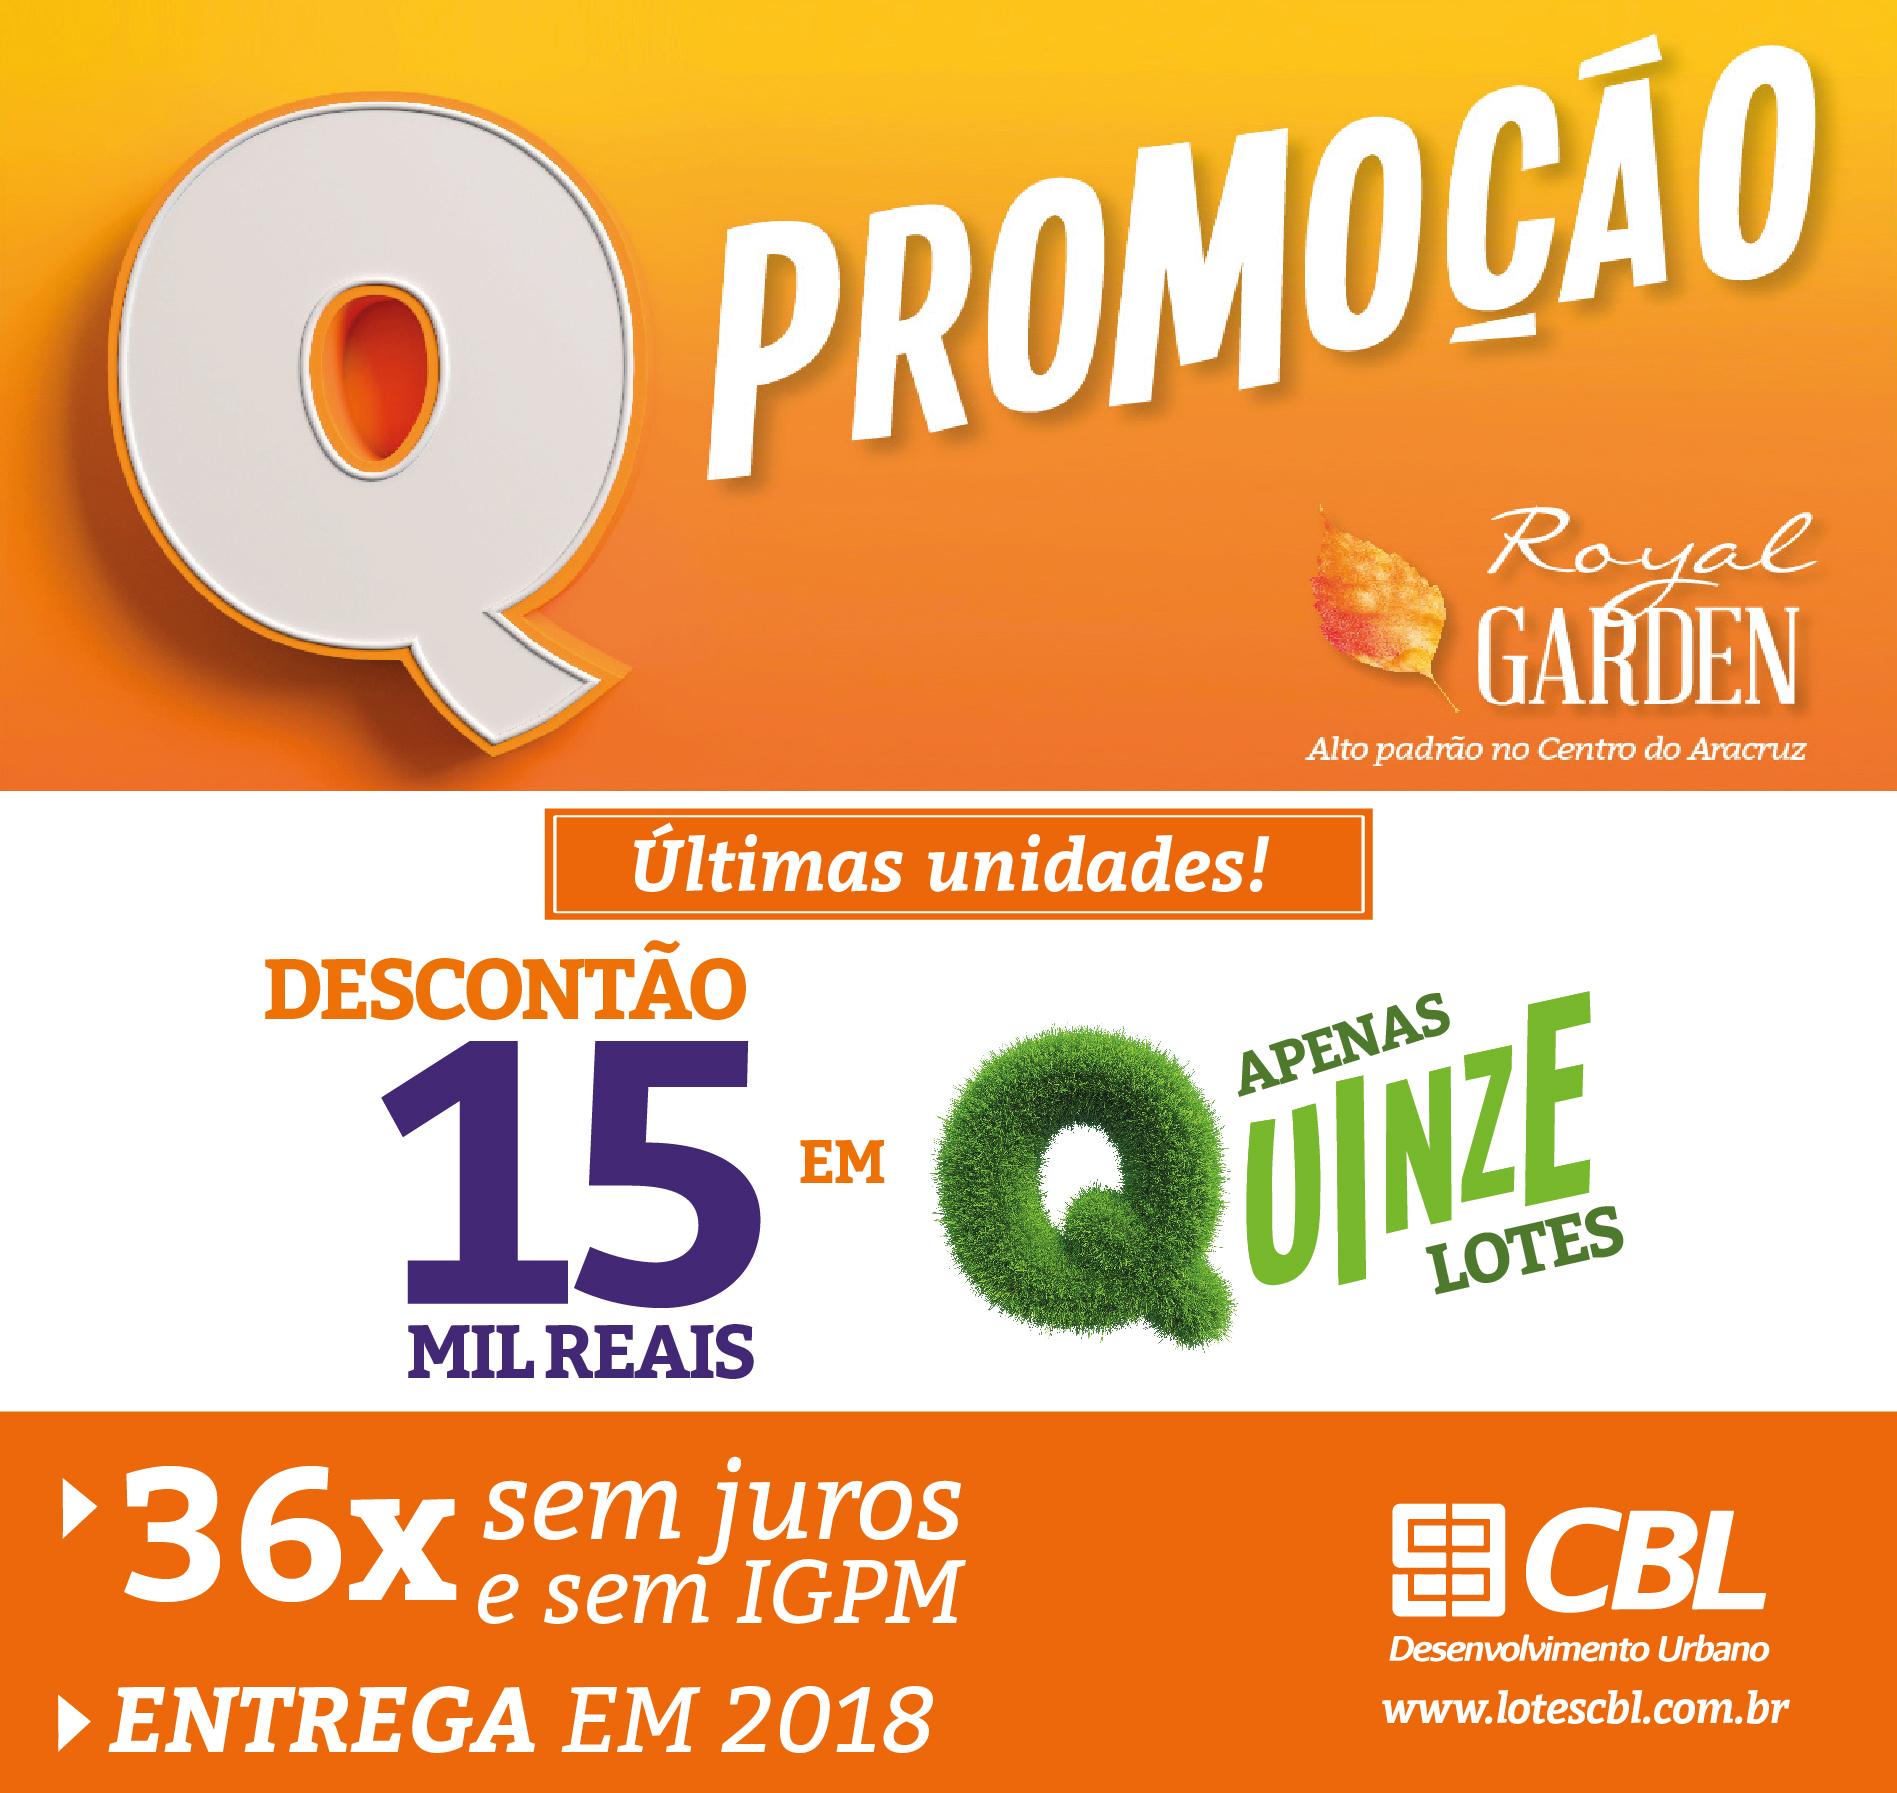 Q Promoção